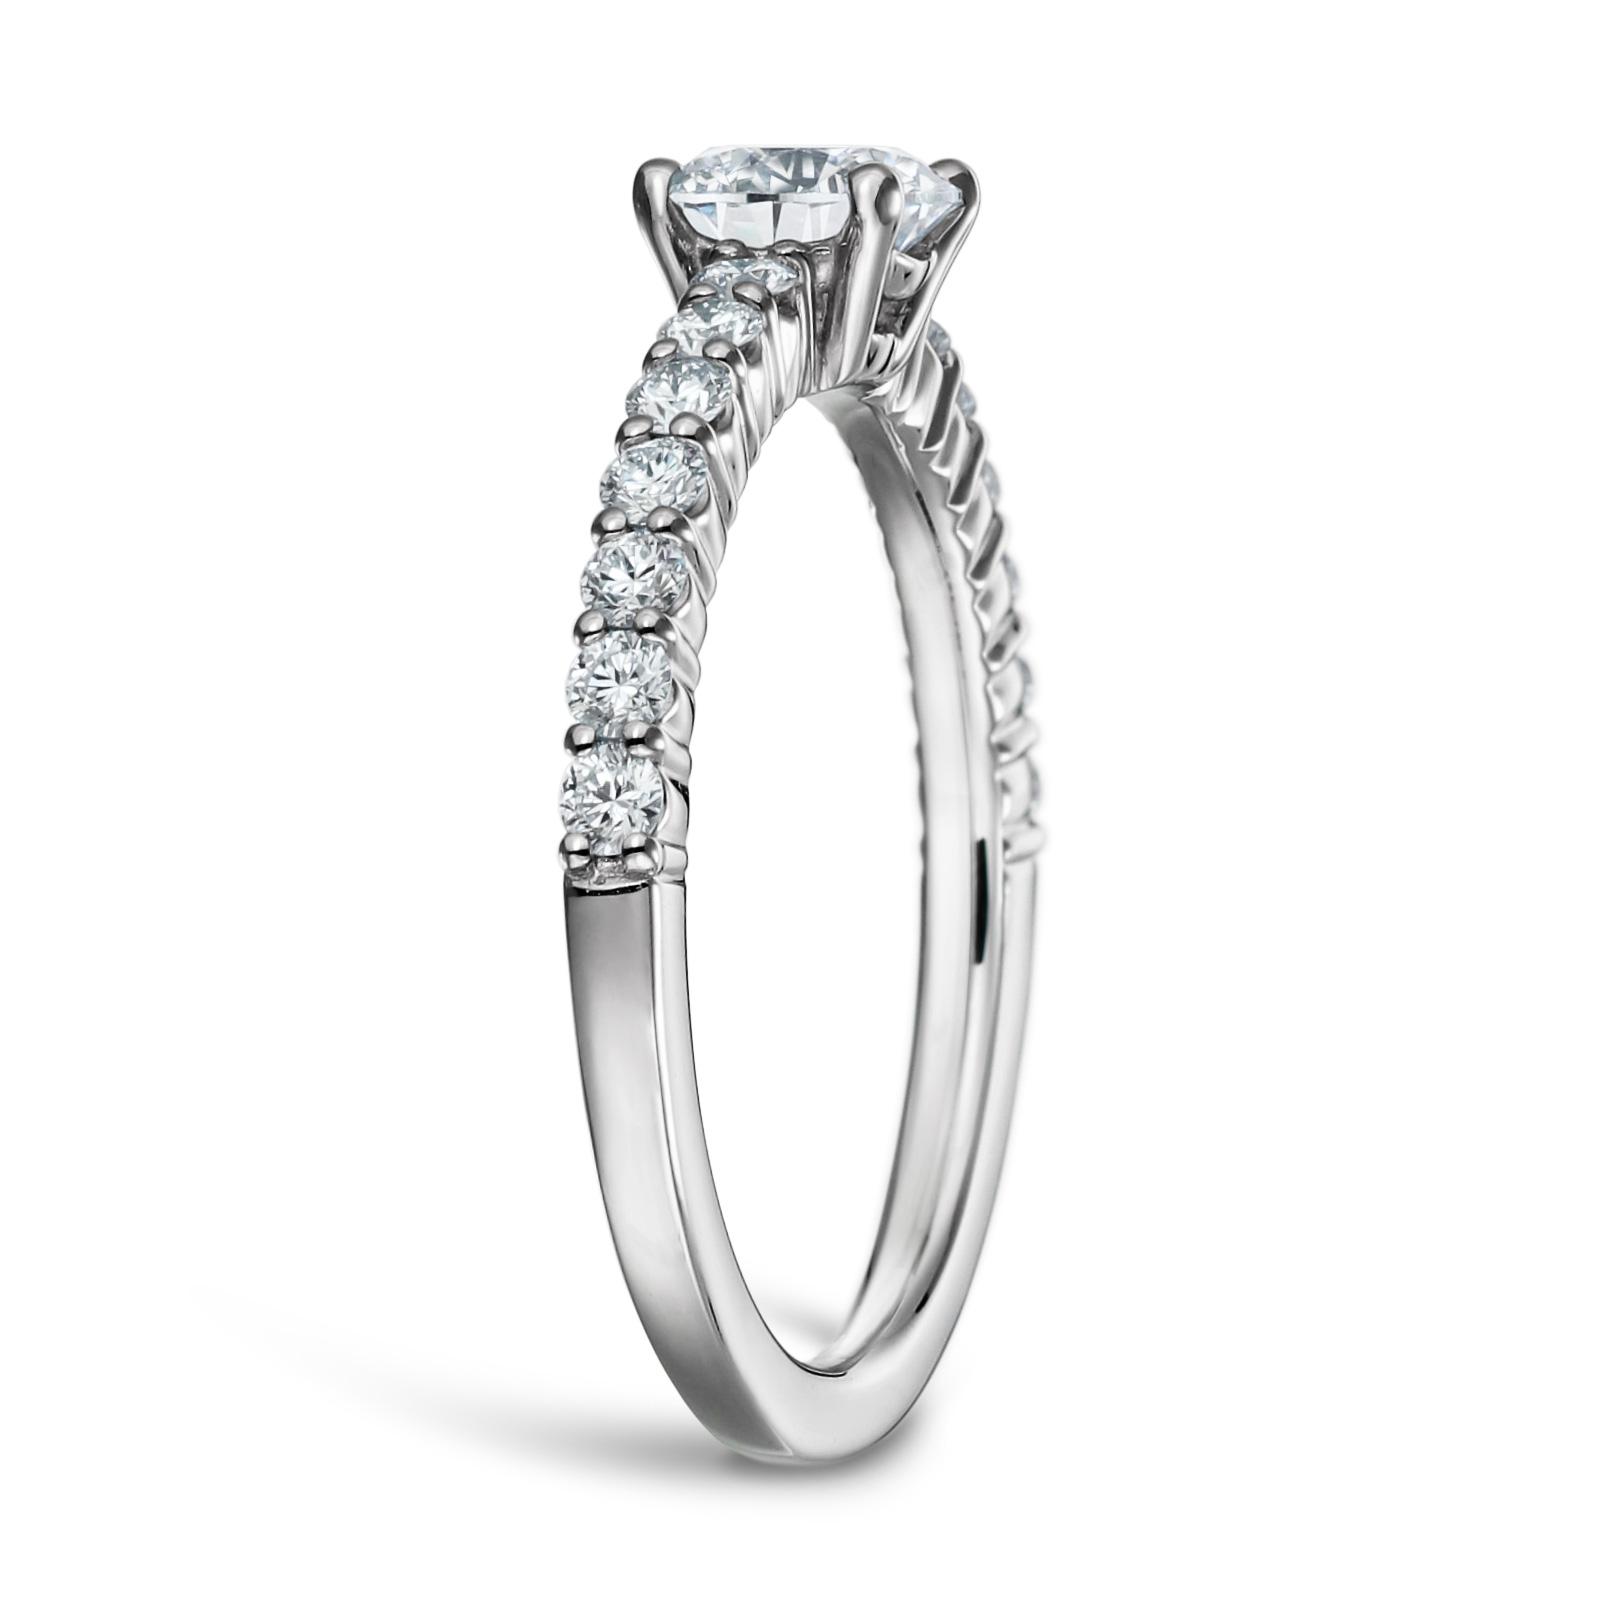 婚約指輪 人気 ダイヤモンド 0.5カラット